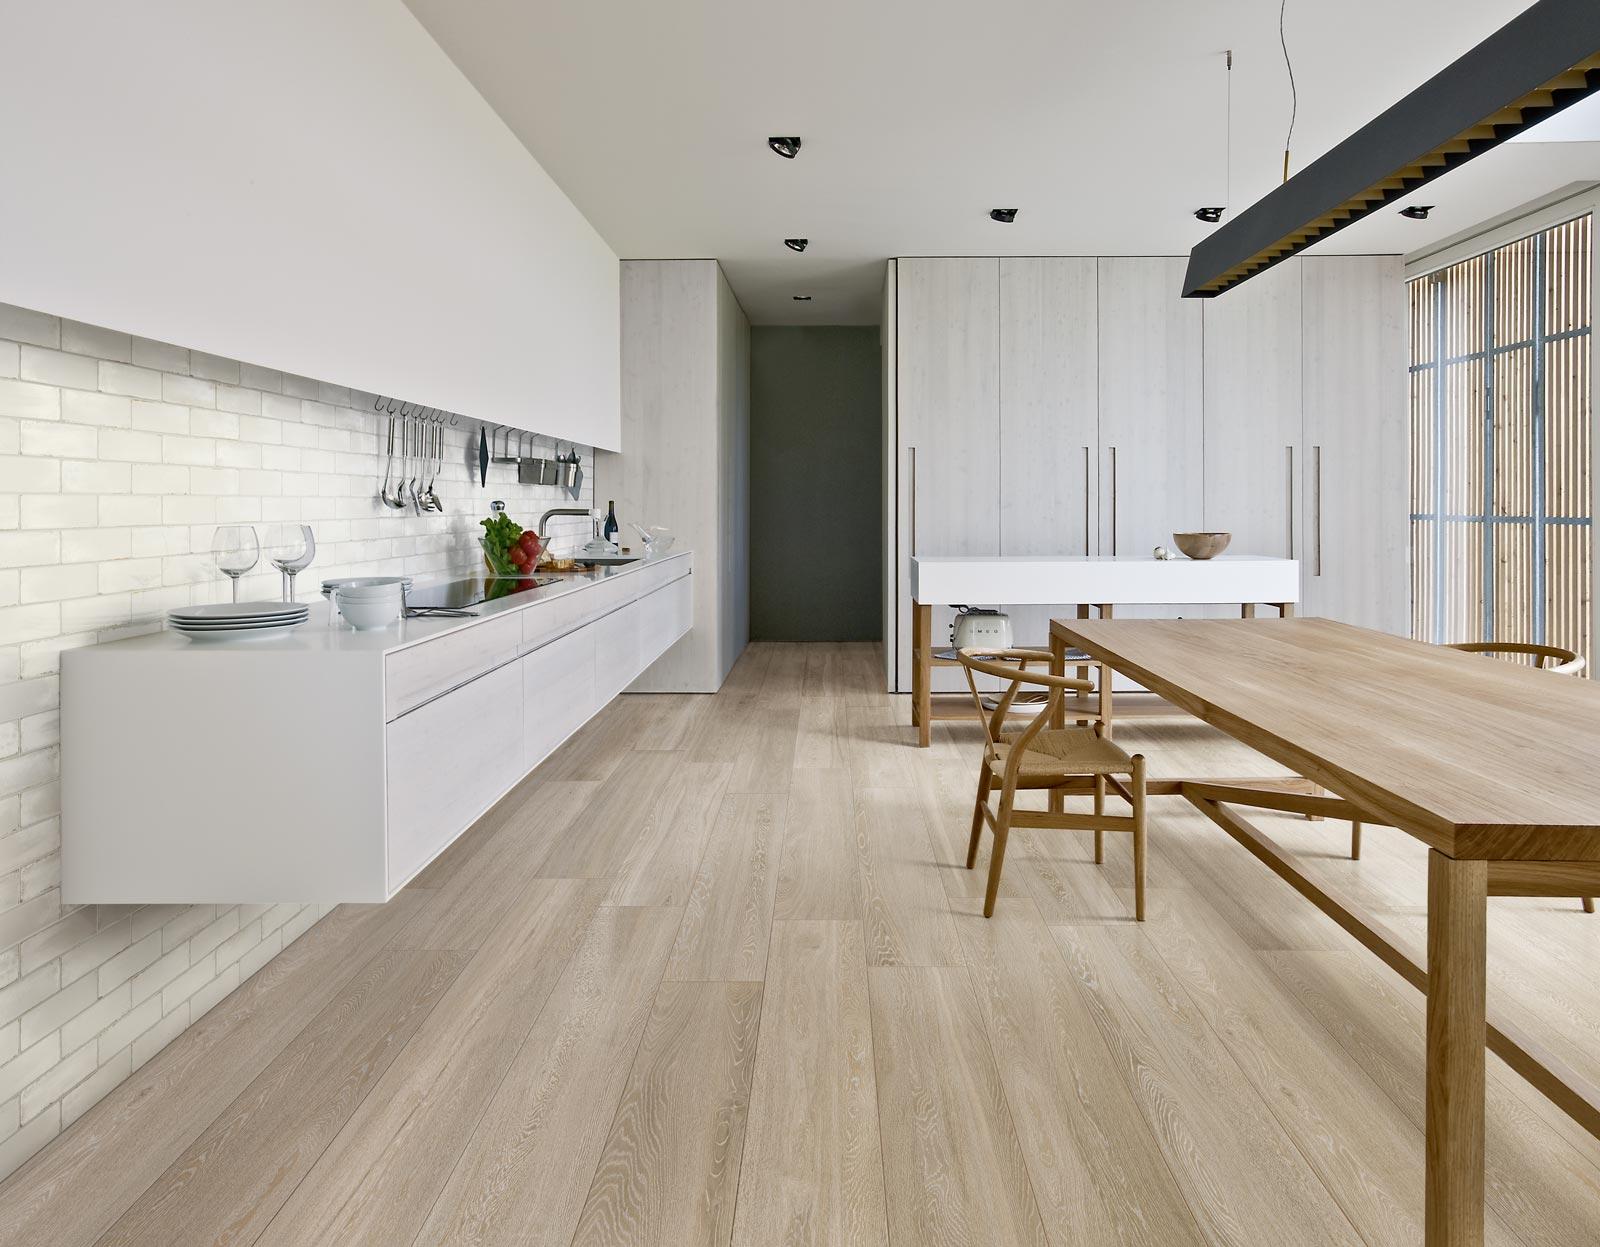 Piastrelle effetto legno e parquet ragno - Piastrelle cucina effetto legno ...